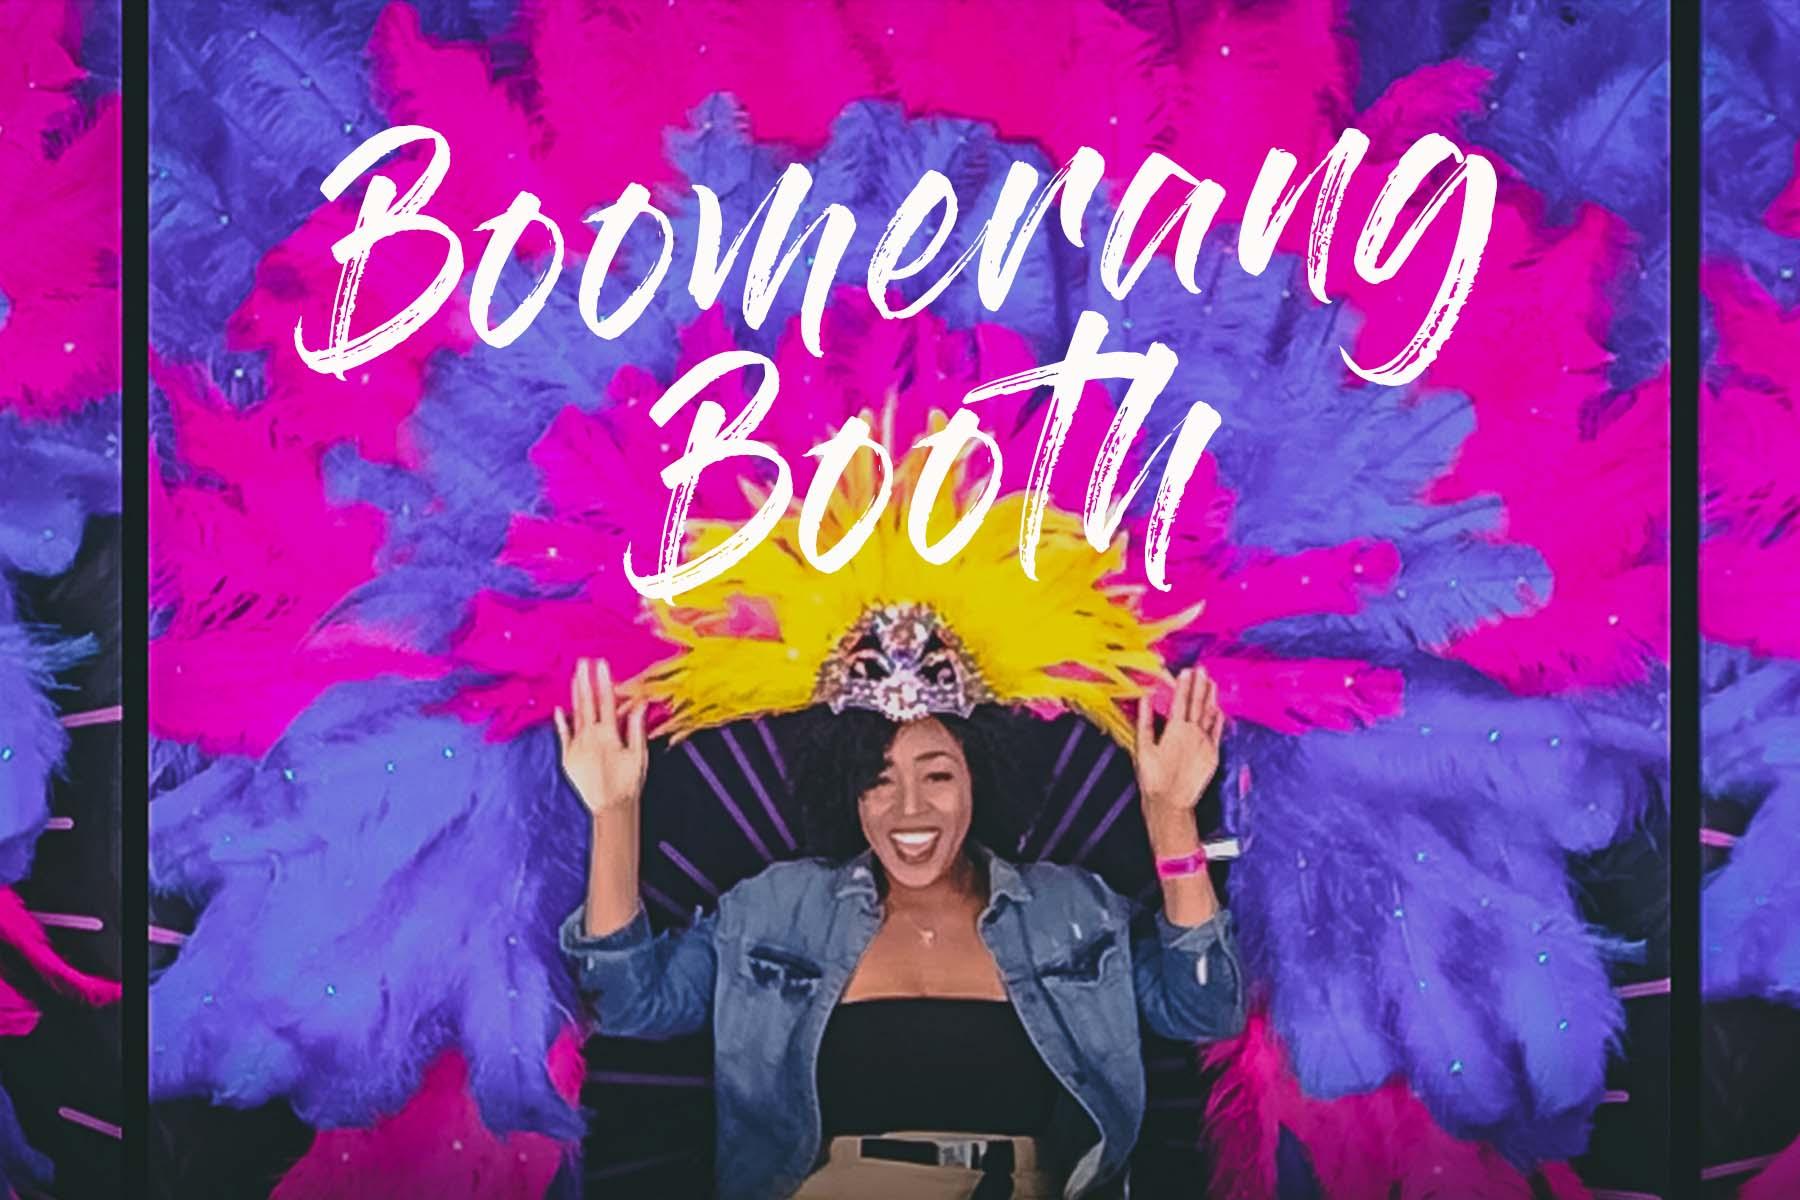 Boomerang Booth